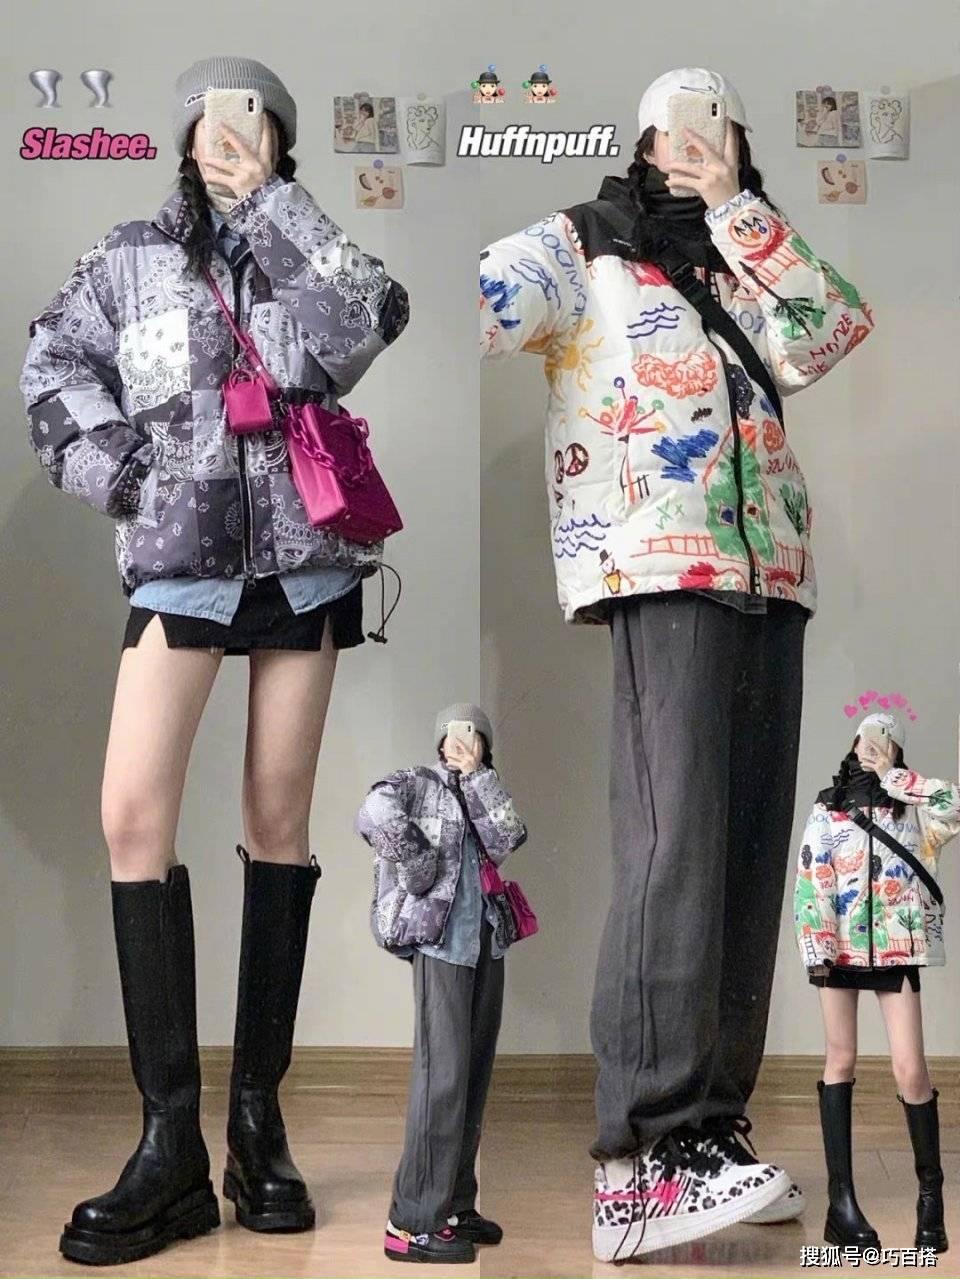 原创             无论多大年纪的女人,羽绒服都建议选择这三种,轻松凹出时尚感